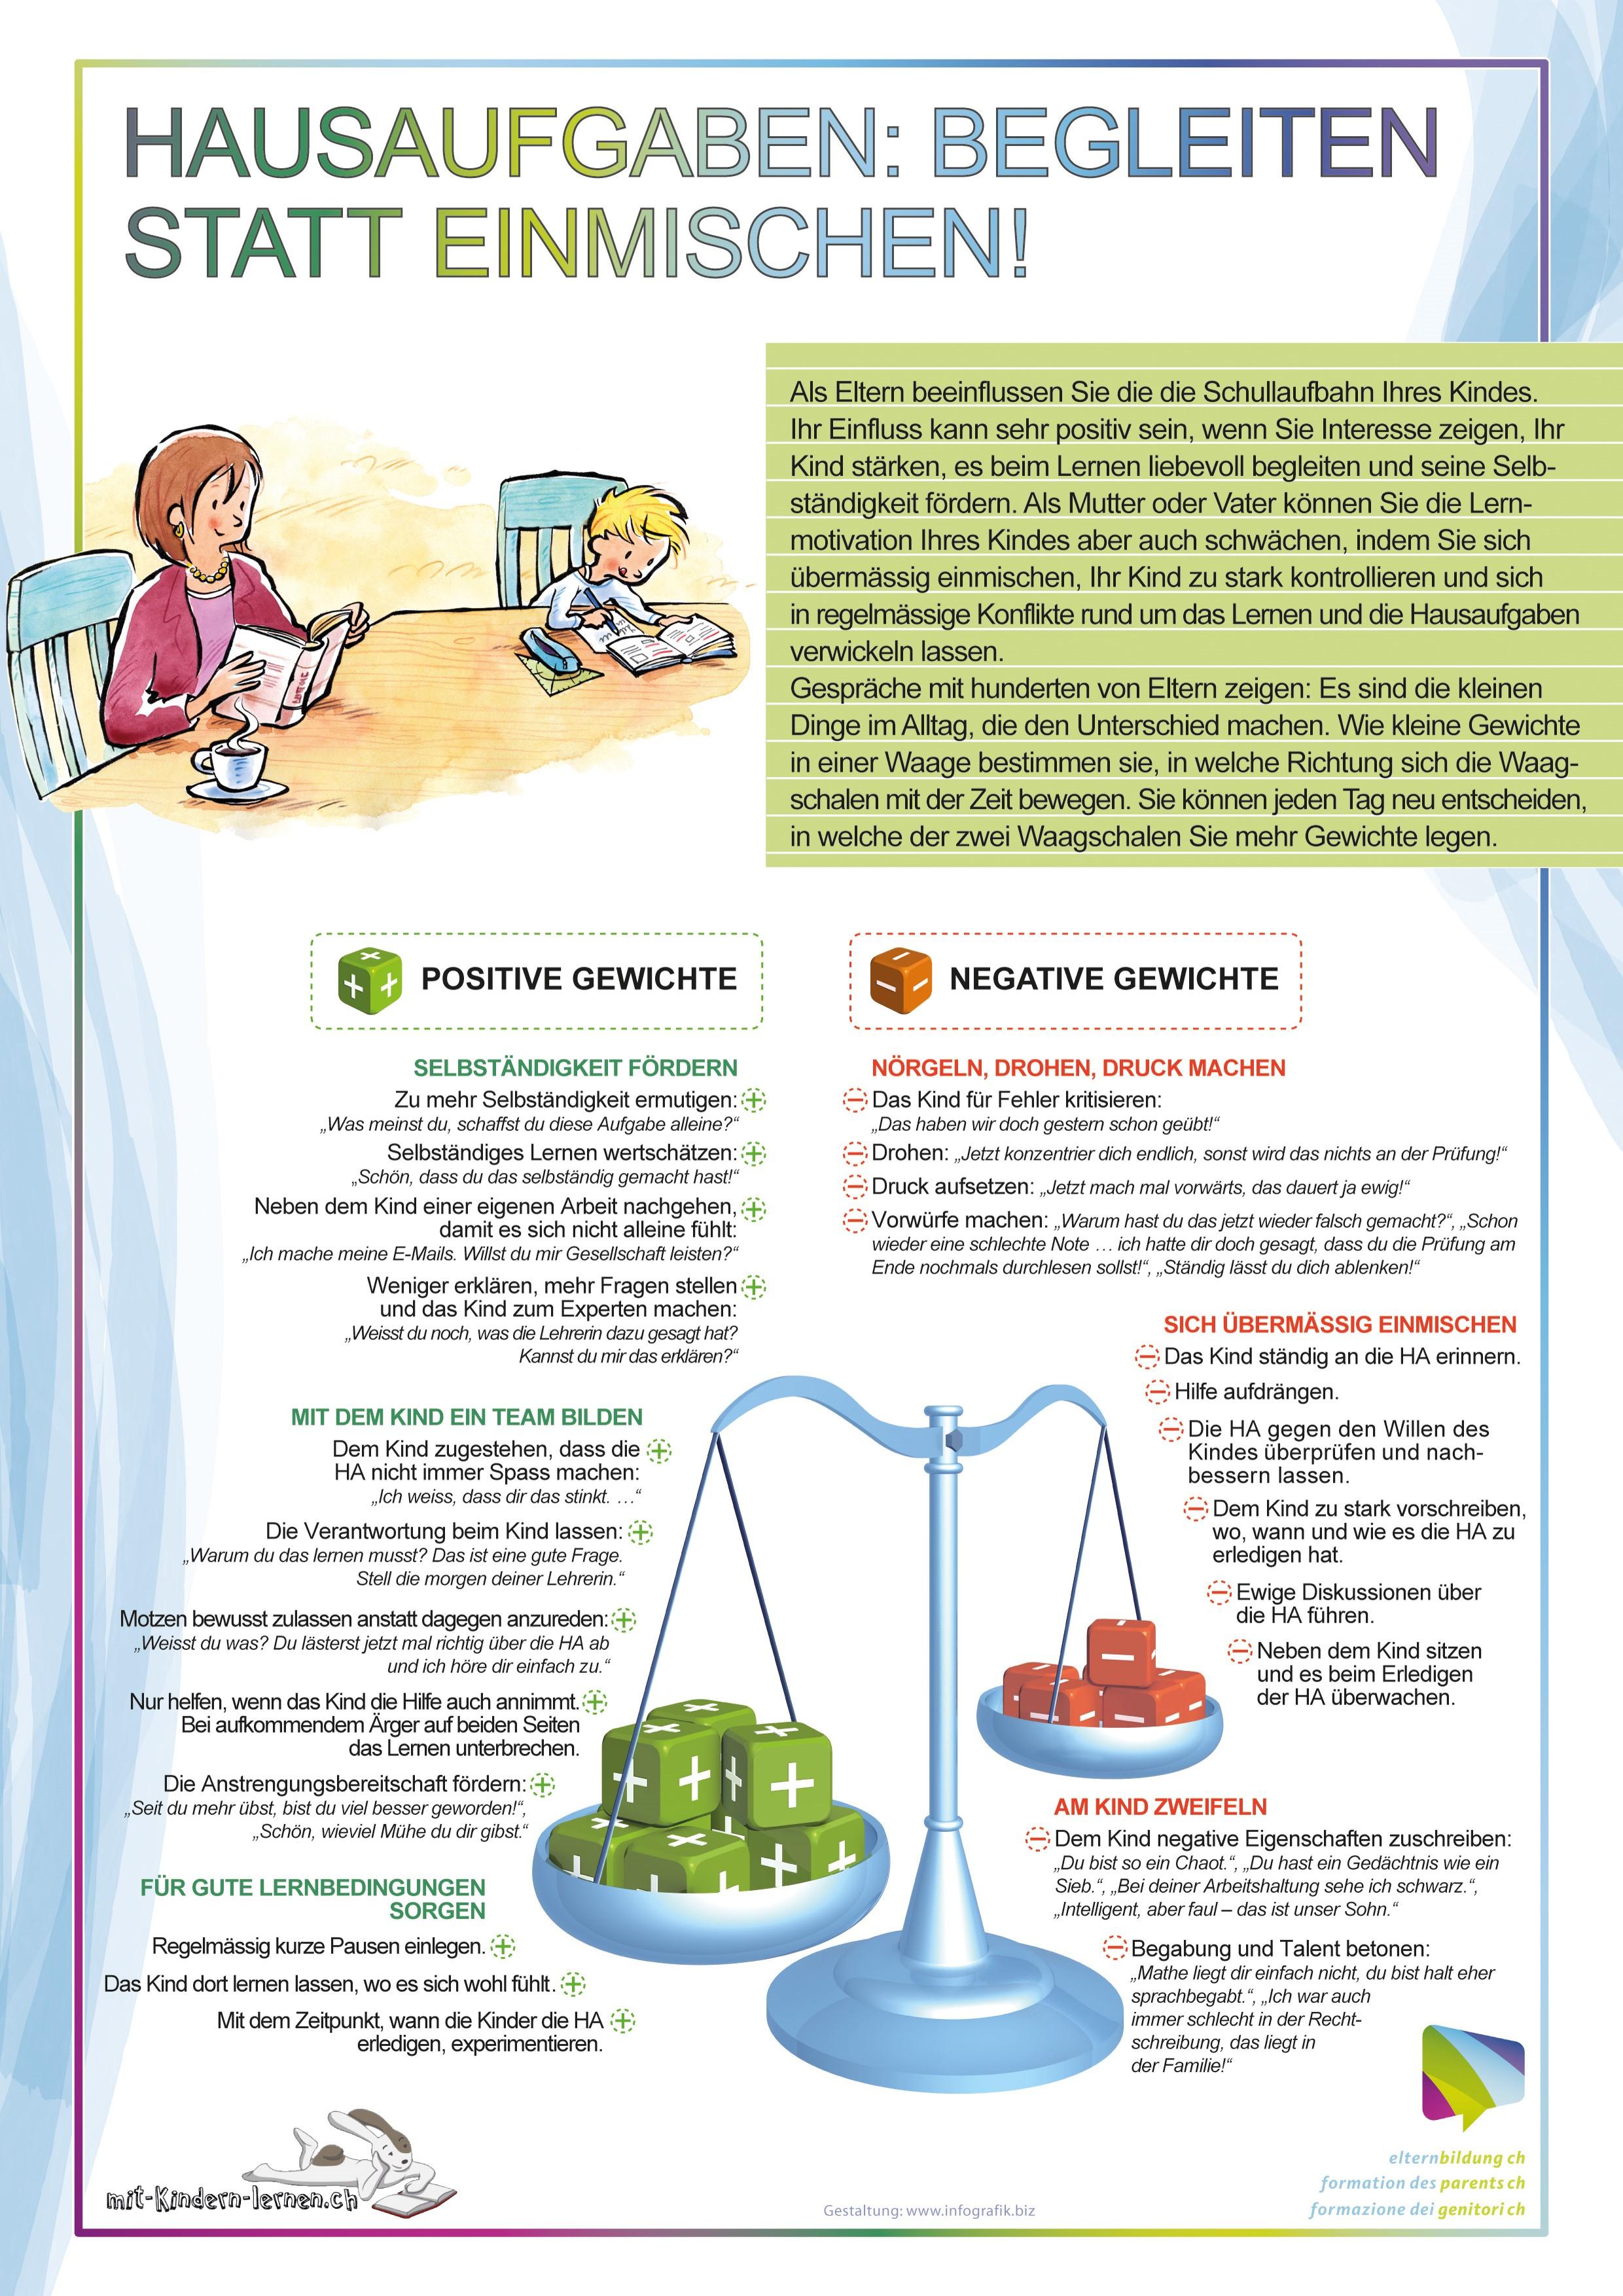 Hausaufgaben und Prüfungsvorbereitung: Wie motiviere ich mein Kind?